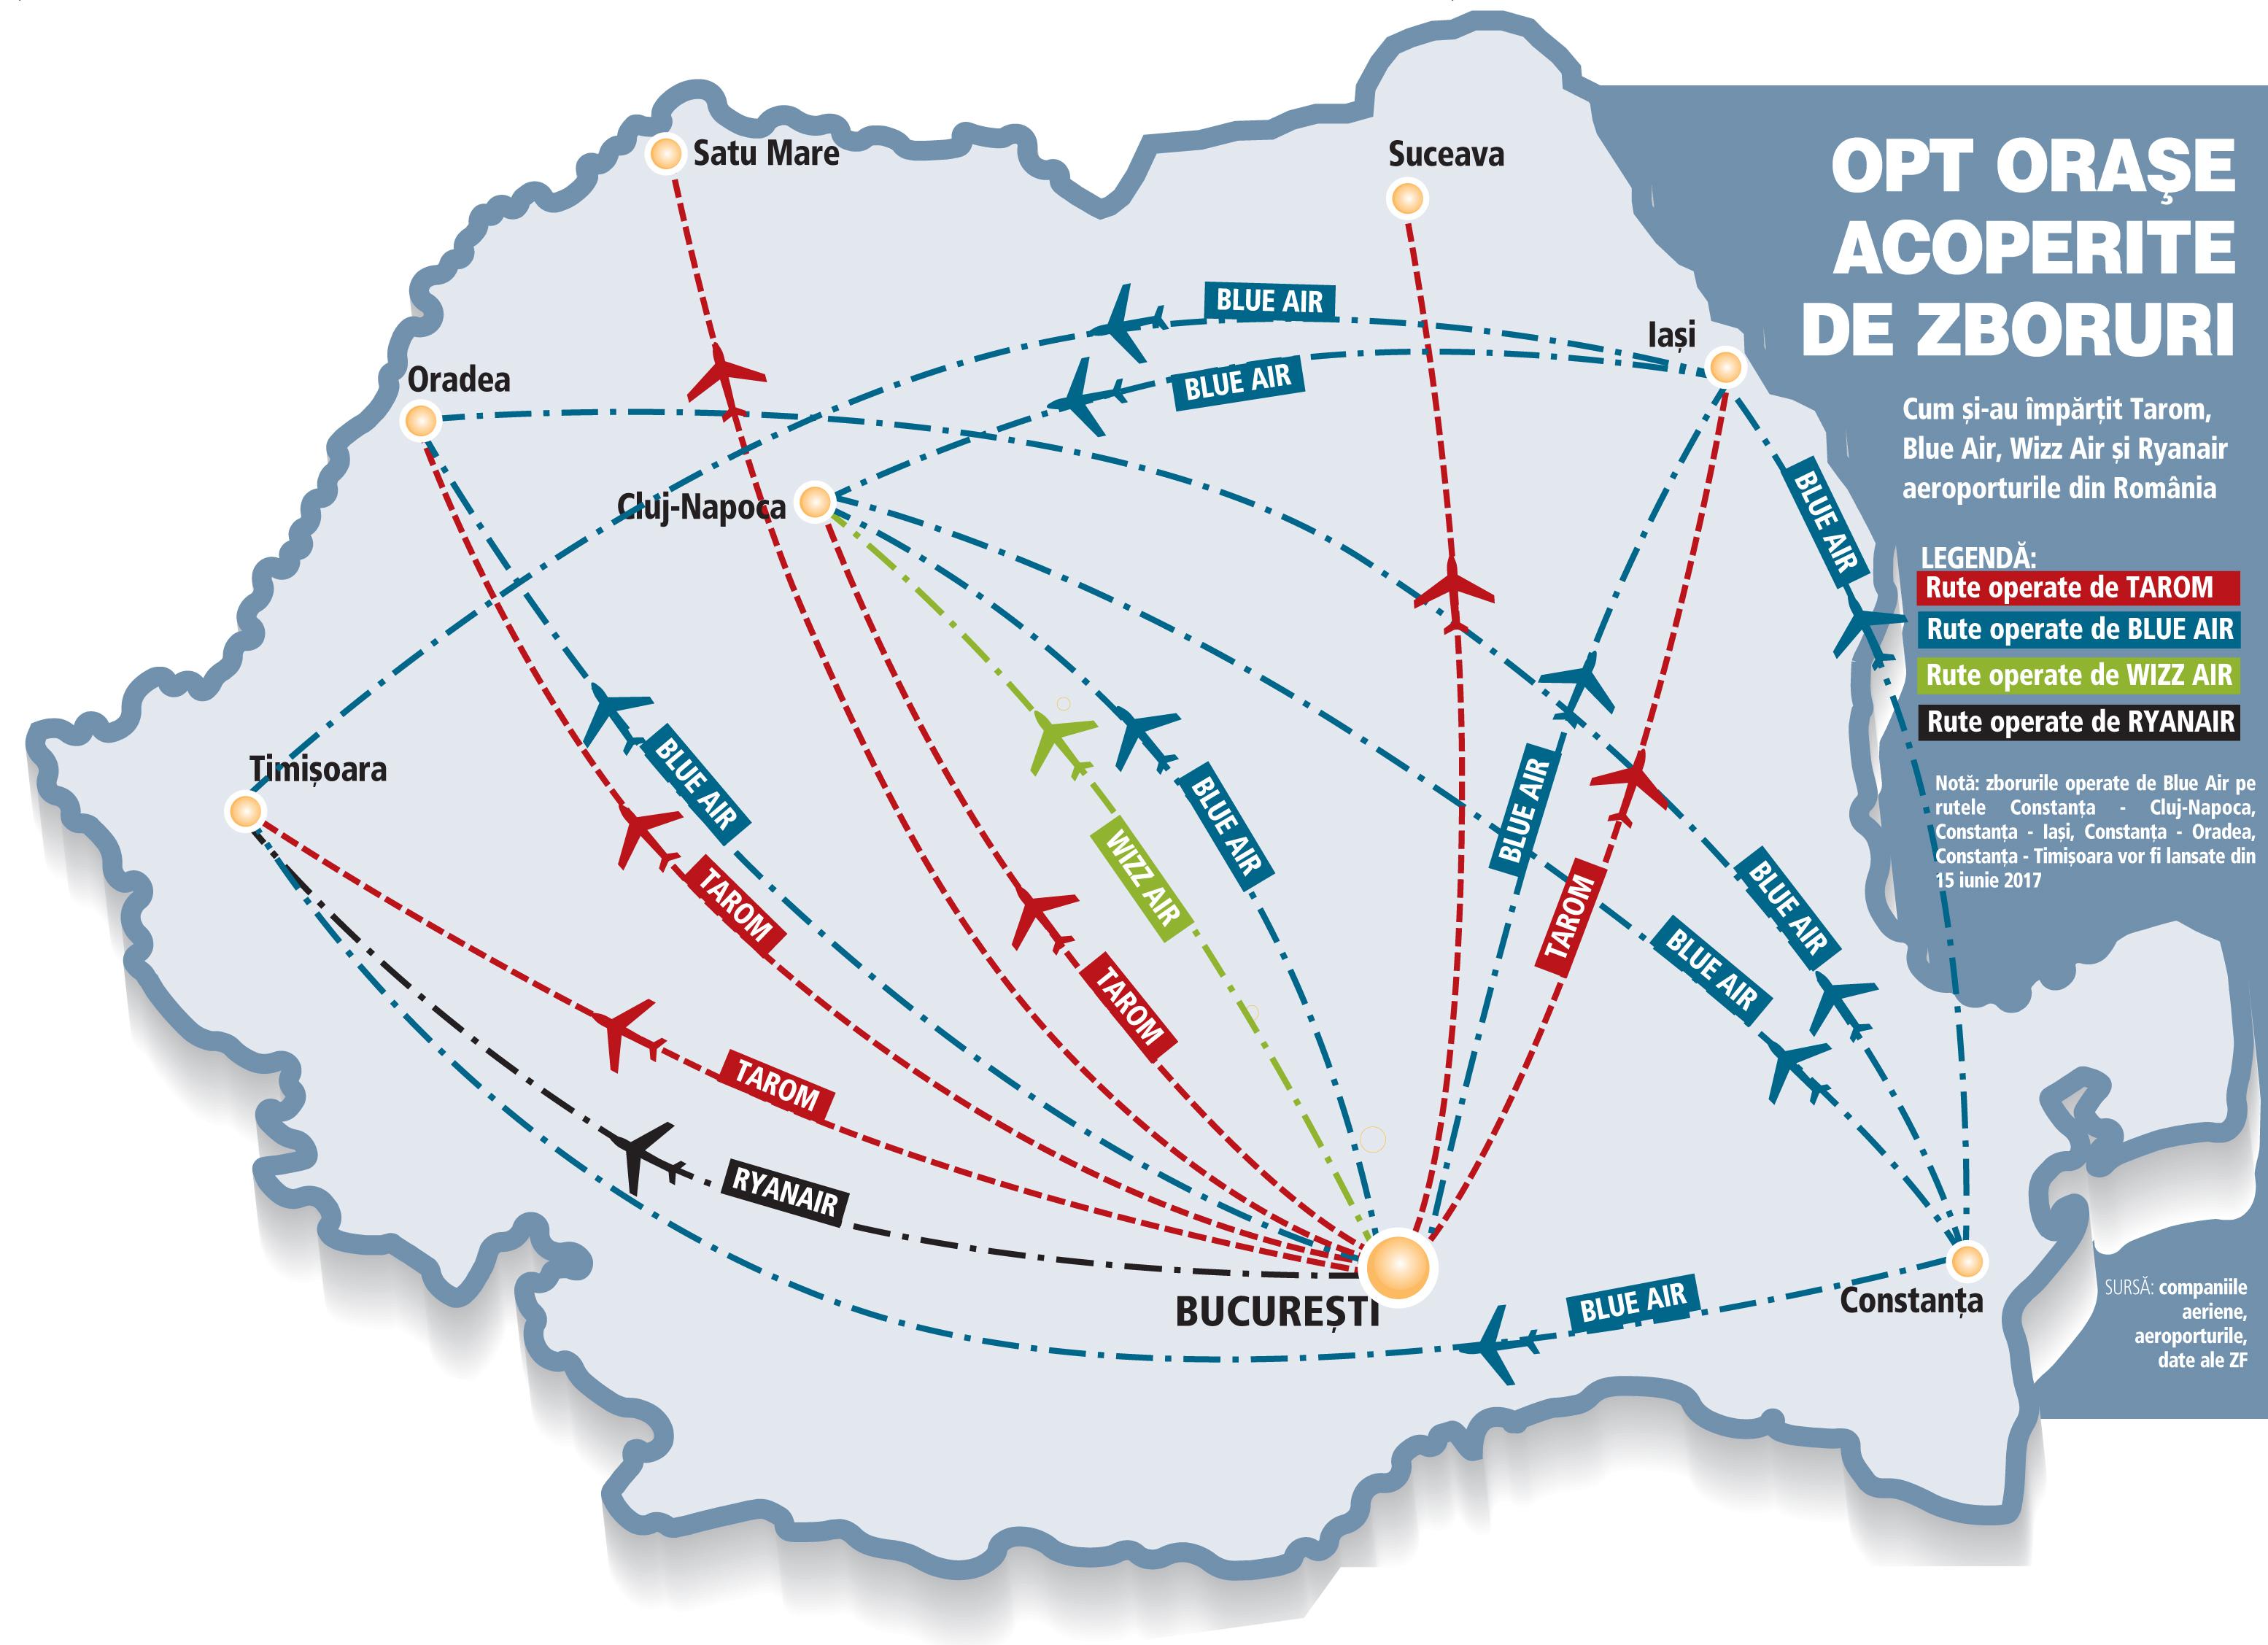 Harta Zborurilor Interne Constanţa Este Pariul Transportatorilor